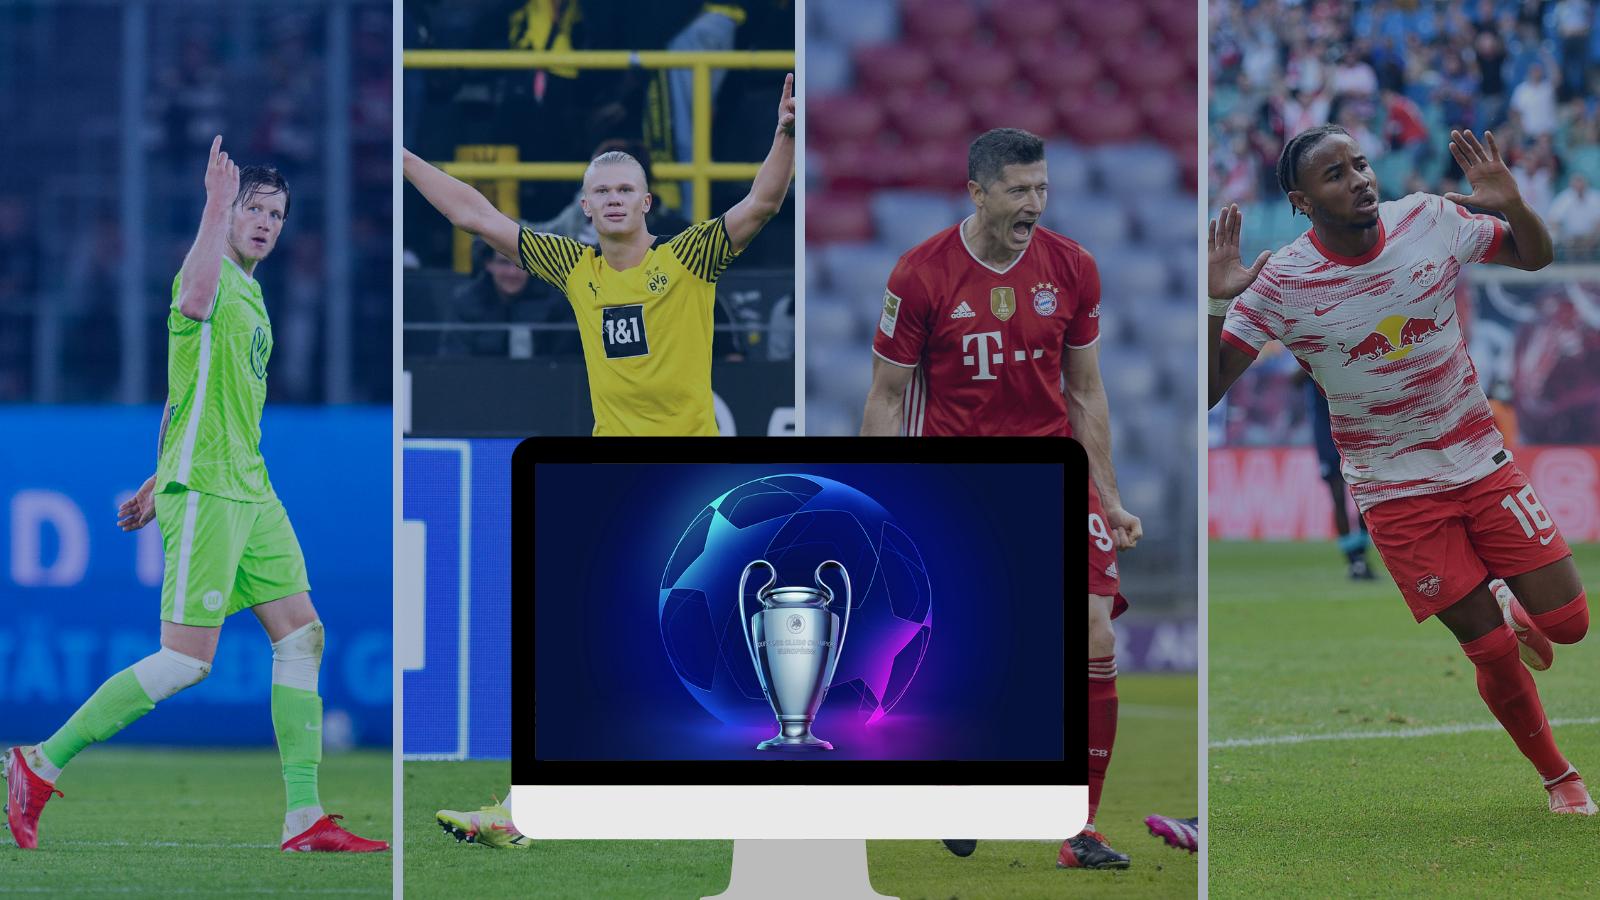 Los alemanes juegan por Champions League y te contamos donde los puedes ver. Fotos: Imago.